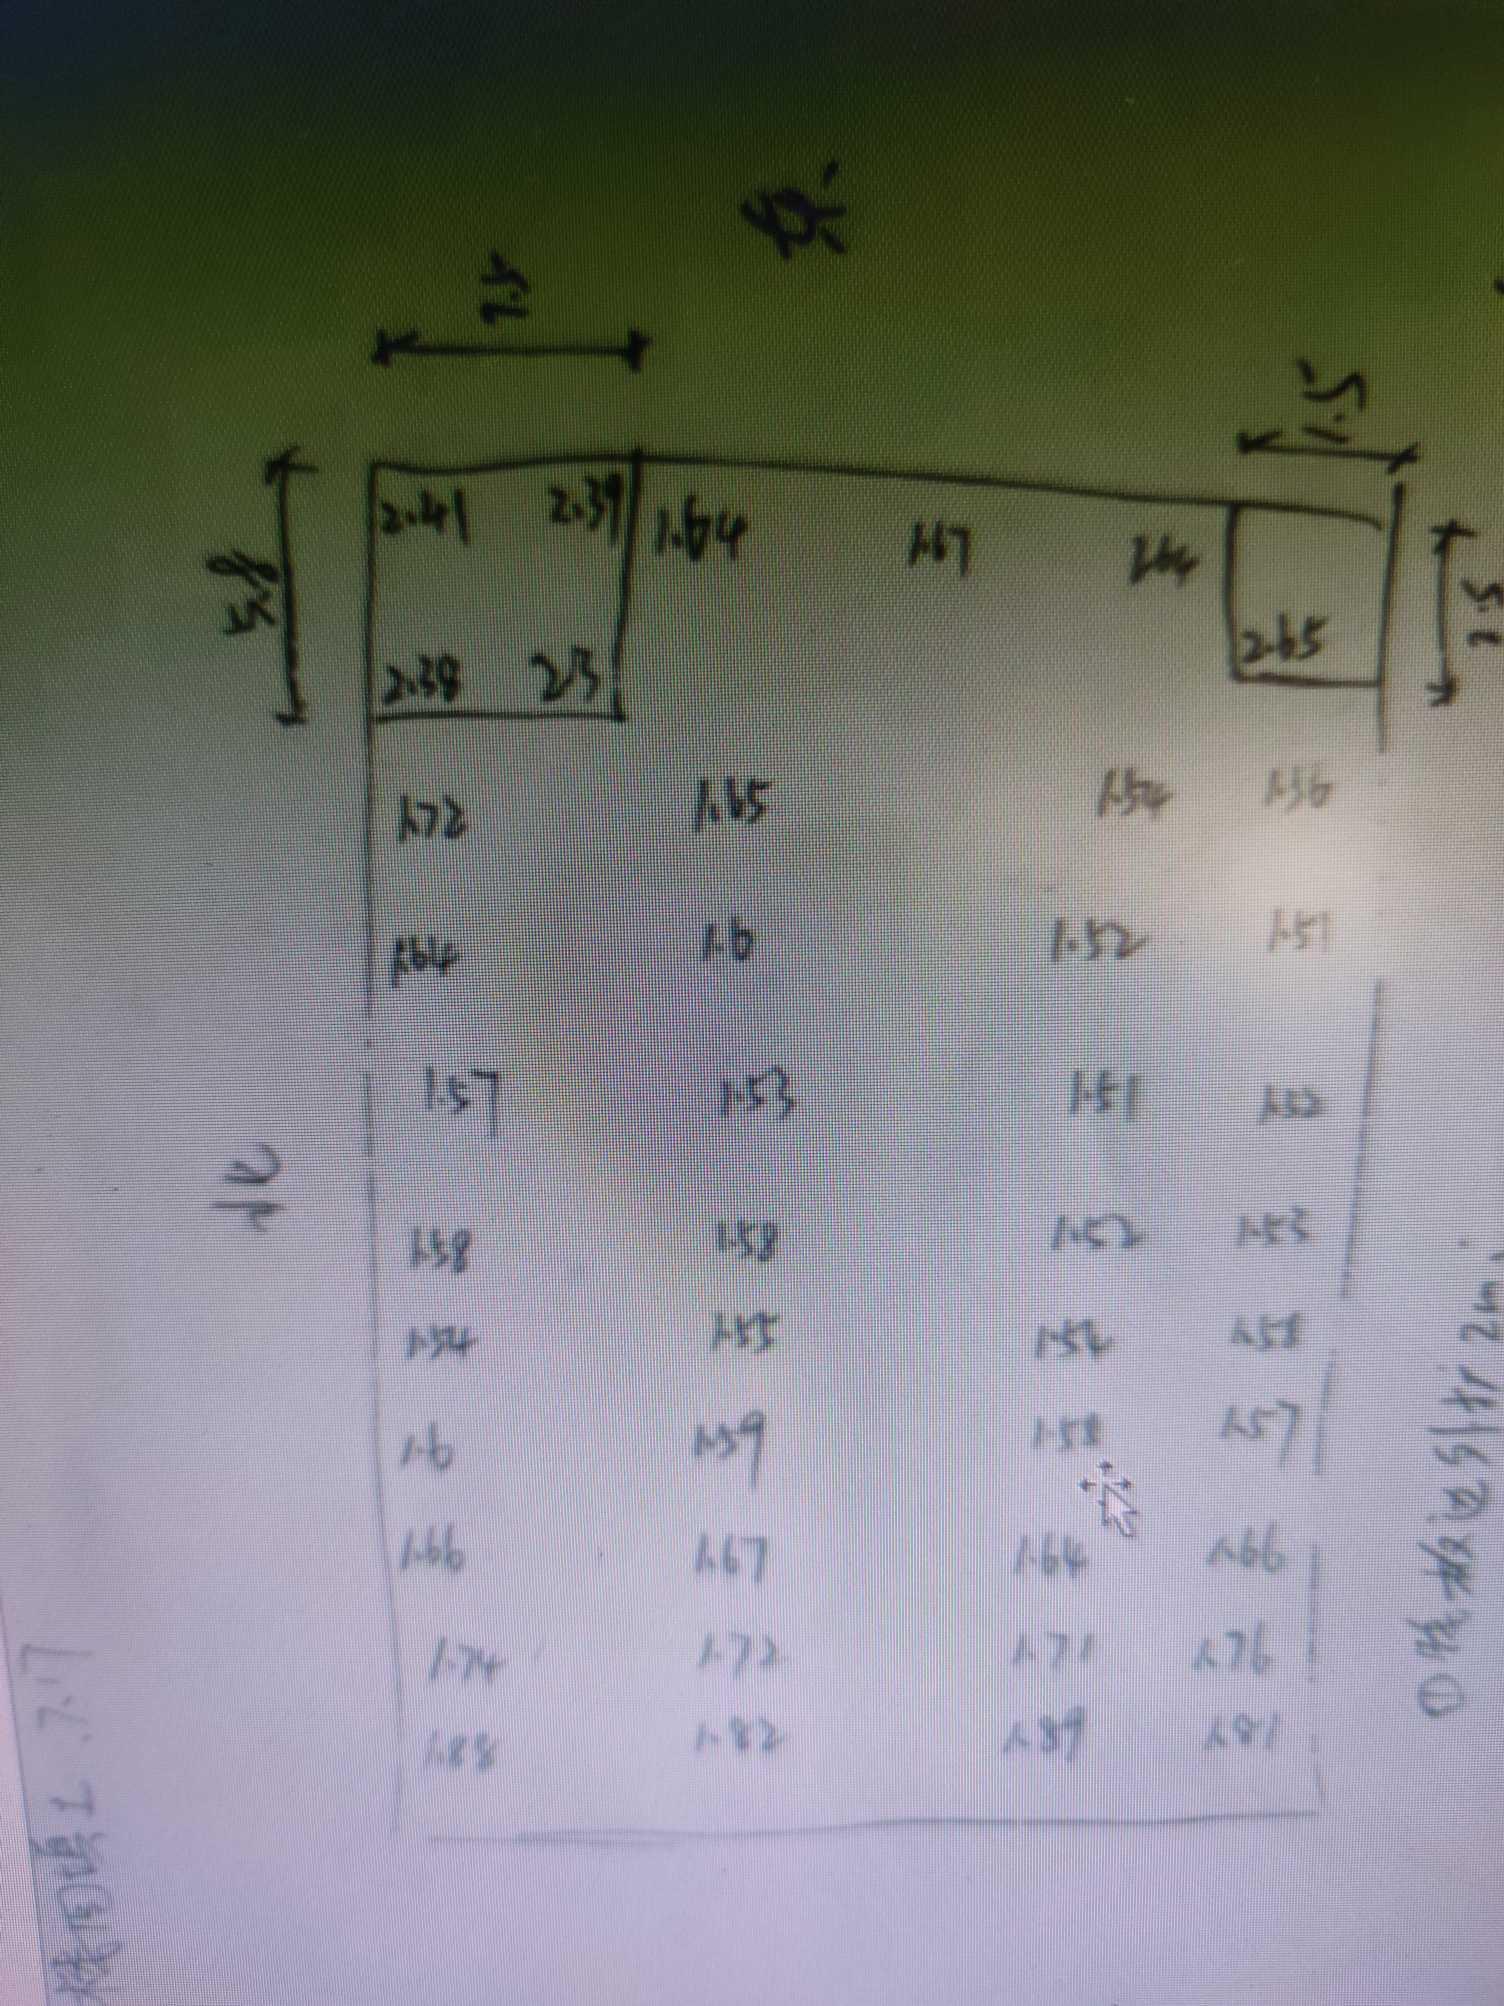 土建,安徽,施工,答疑:请教这个该如何算标高啊,后视0.66=189,绝对高程195.3-安徽土建,施工,